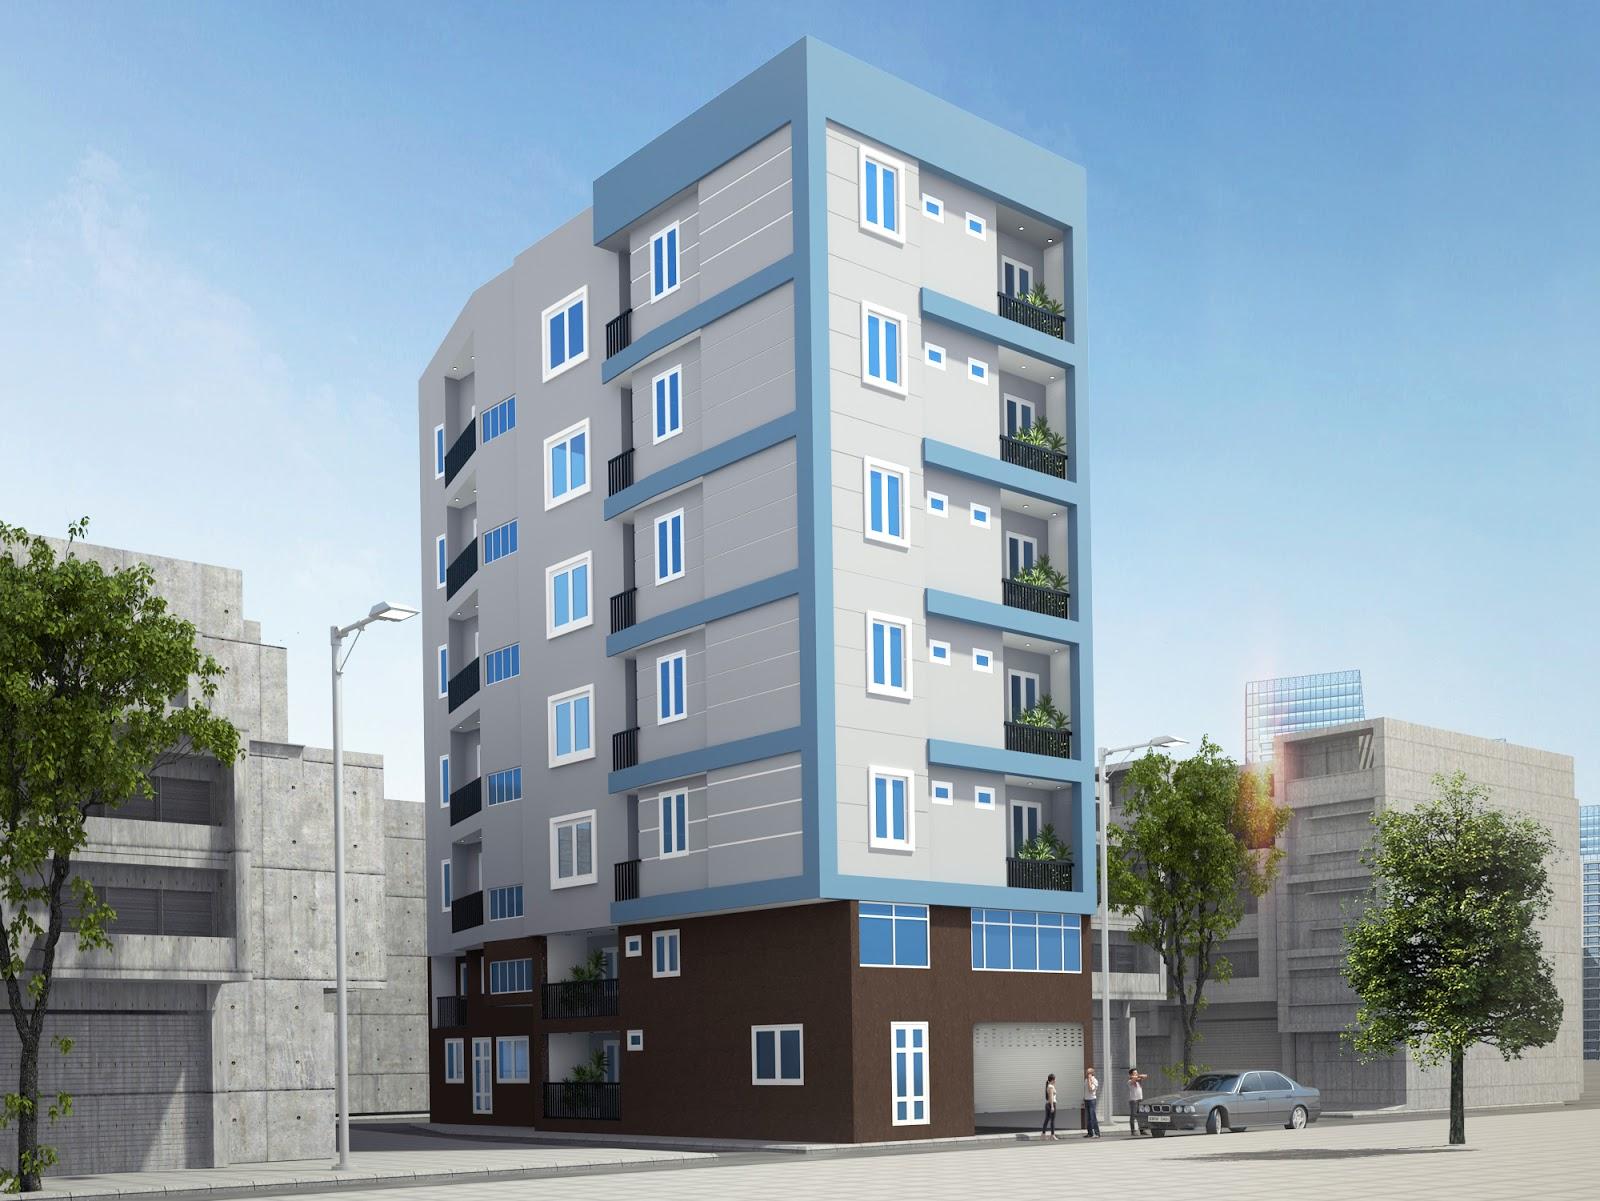 Có nên mua chung cư mini của Minh Đại Lộc?